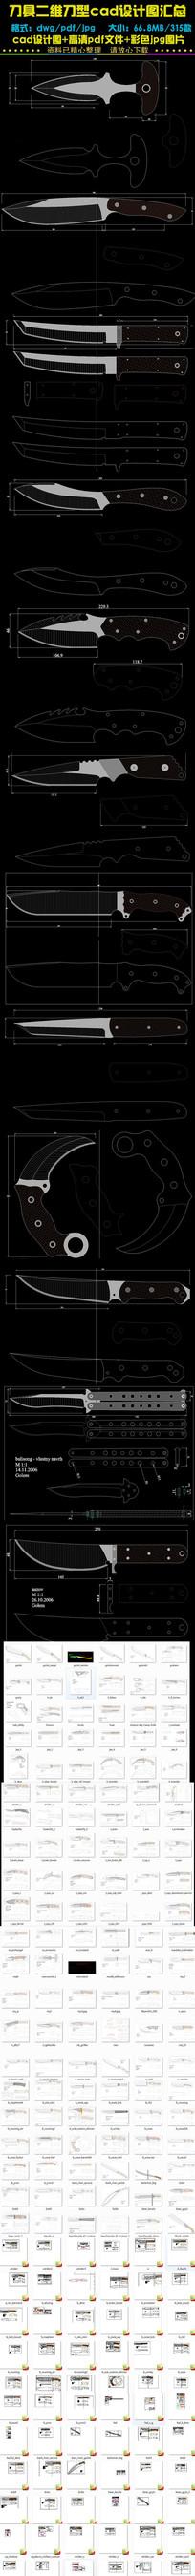 刀具二维刀型cad设计图汇总